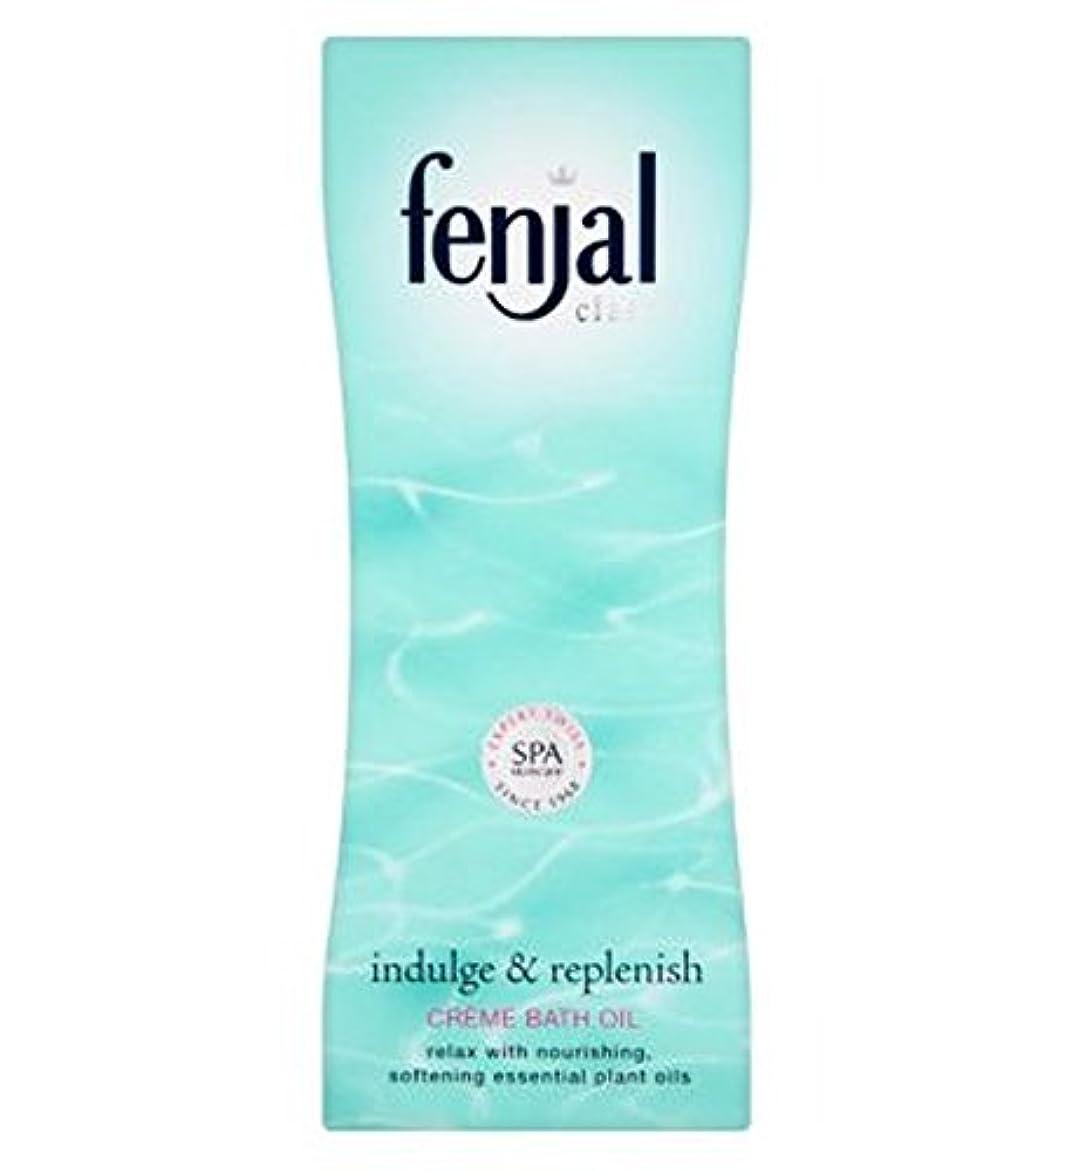 ポーン仮装大邸宅Fenjal Classic Luxury Creme Bath Oil - Fenjal古典的な高級クリームバスオイル (Fenjal) [並行輸入品]